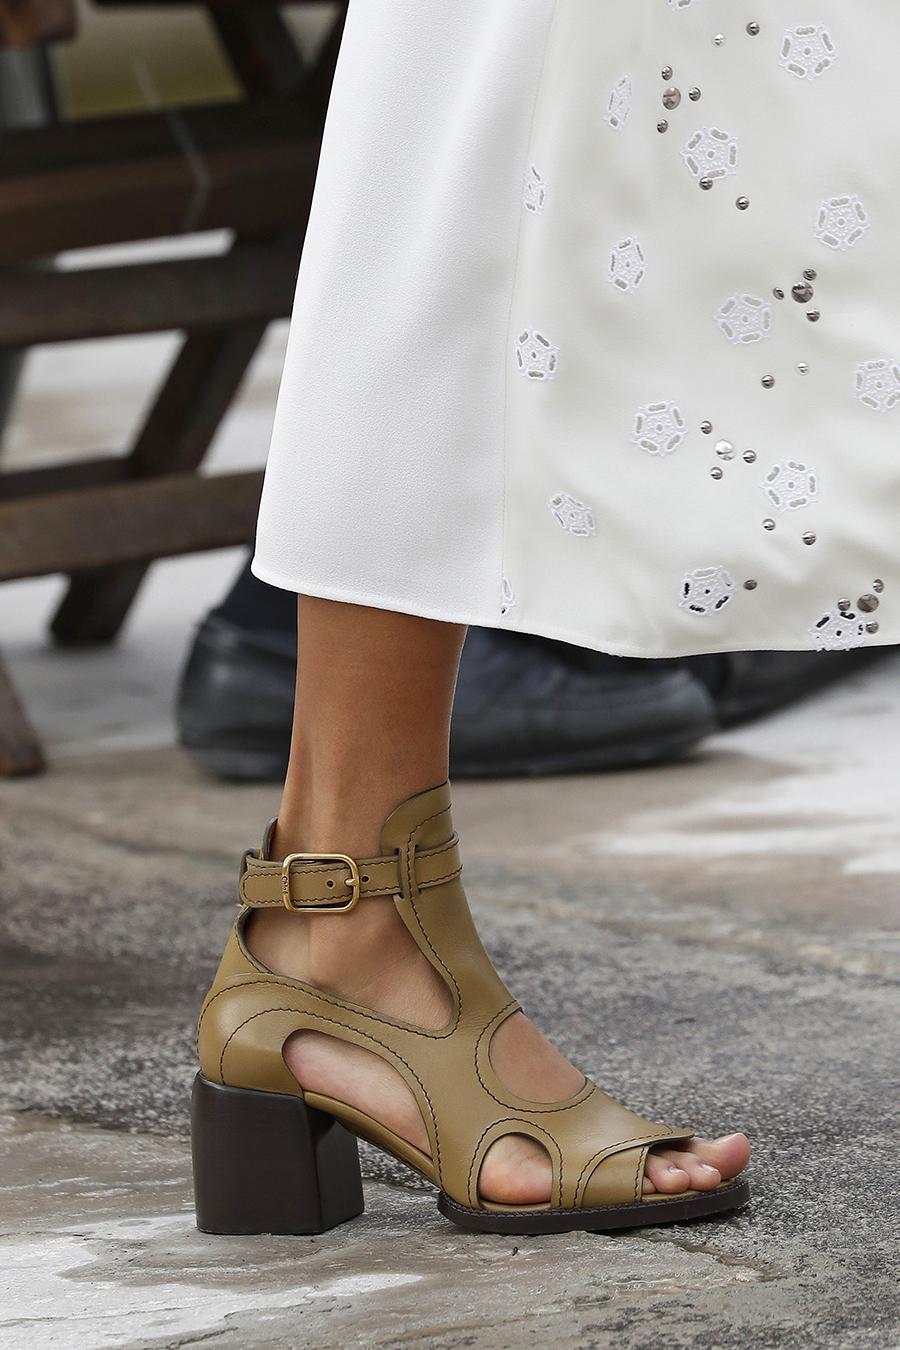 босоножки туфли лето весна 2021 широкий устойчивый каблук коричневые бежевые хаки